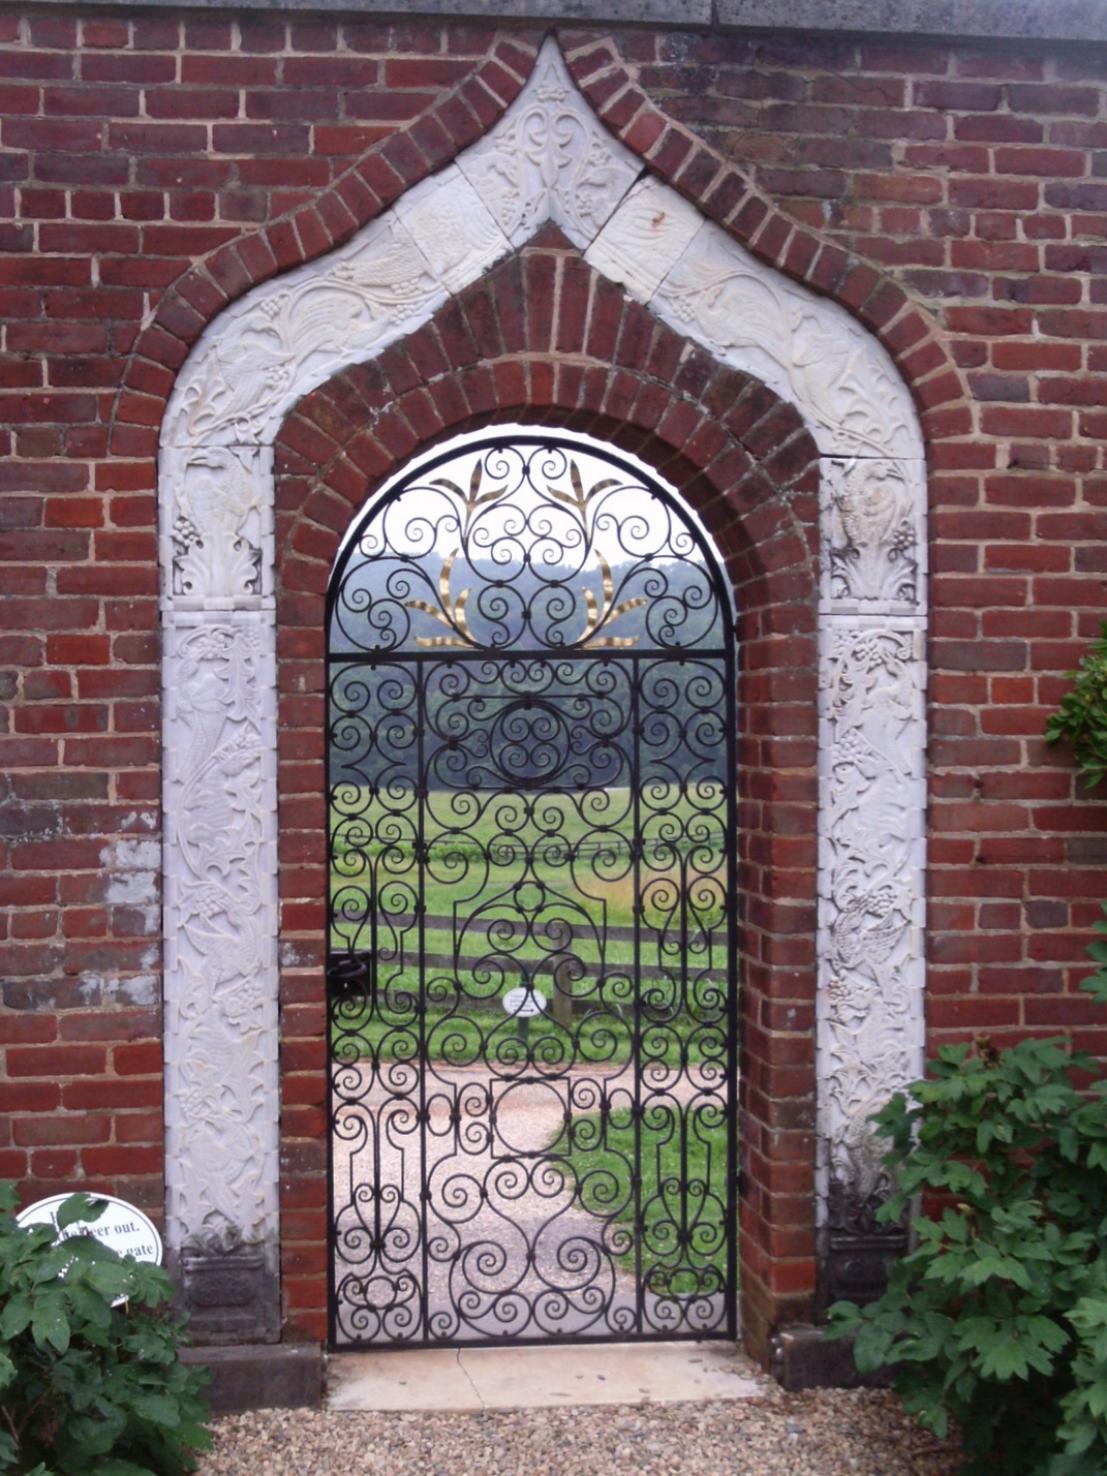 Annie duPont garden